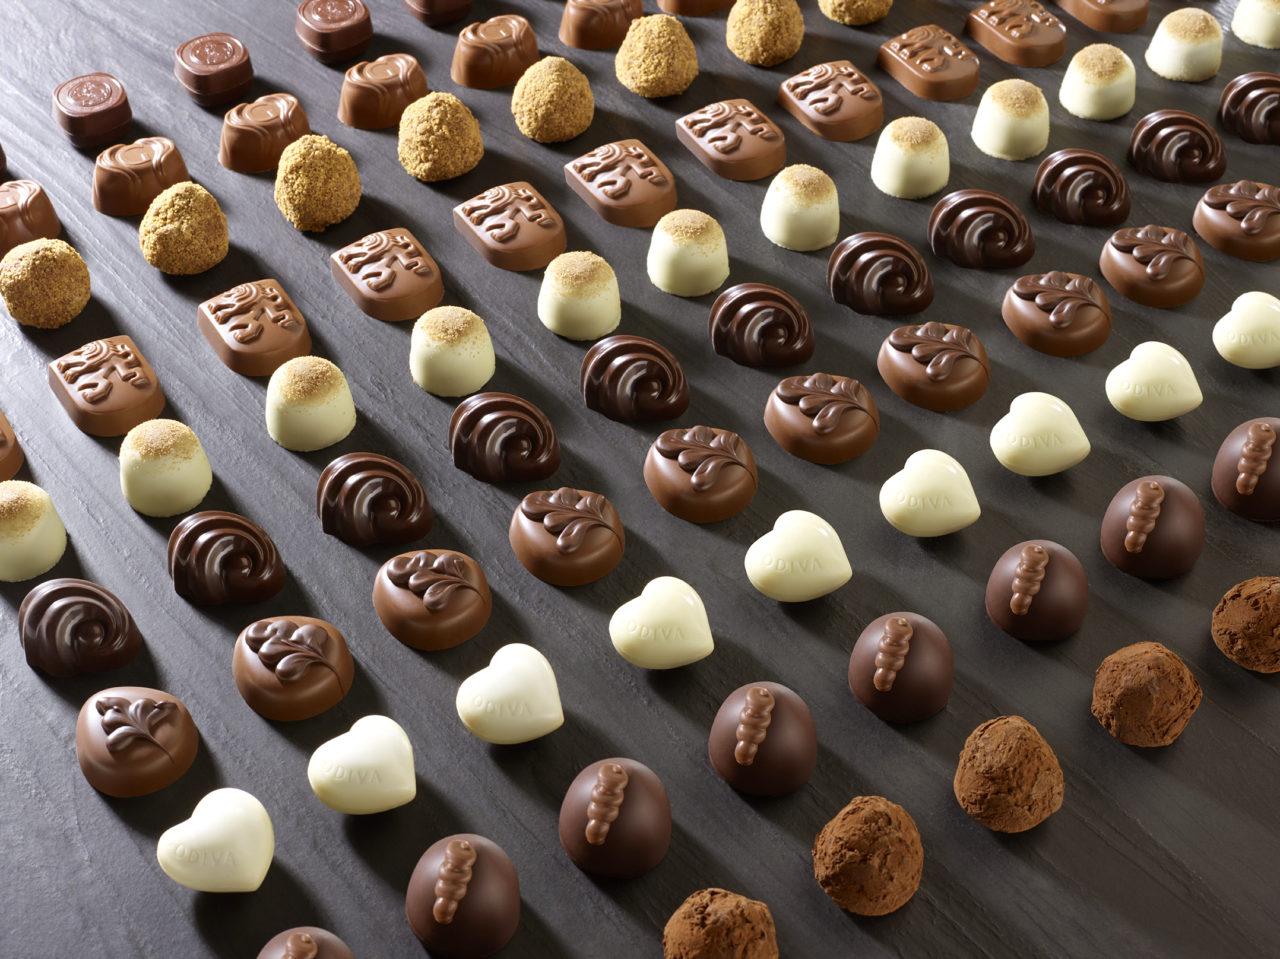 Godiva, cikolatanin Verdigi Mutluluk Hissini İkiye Katliyor